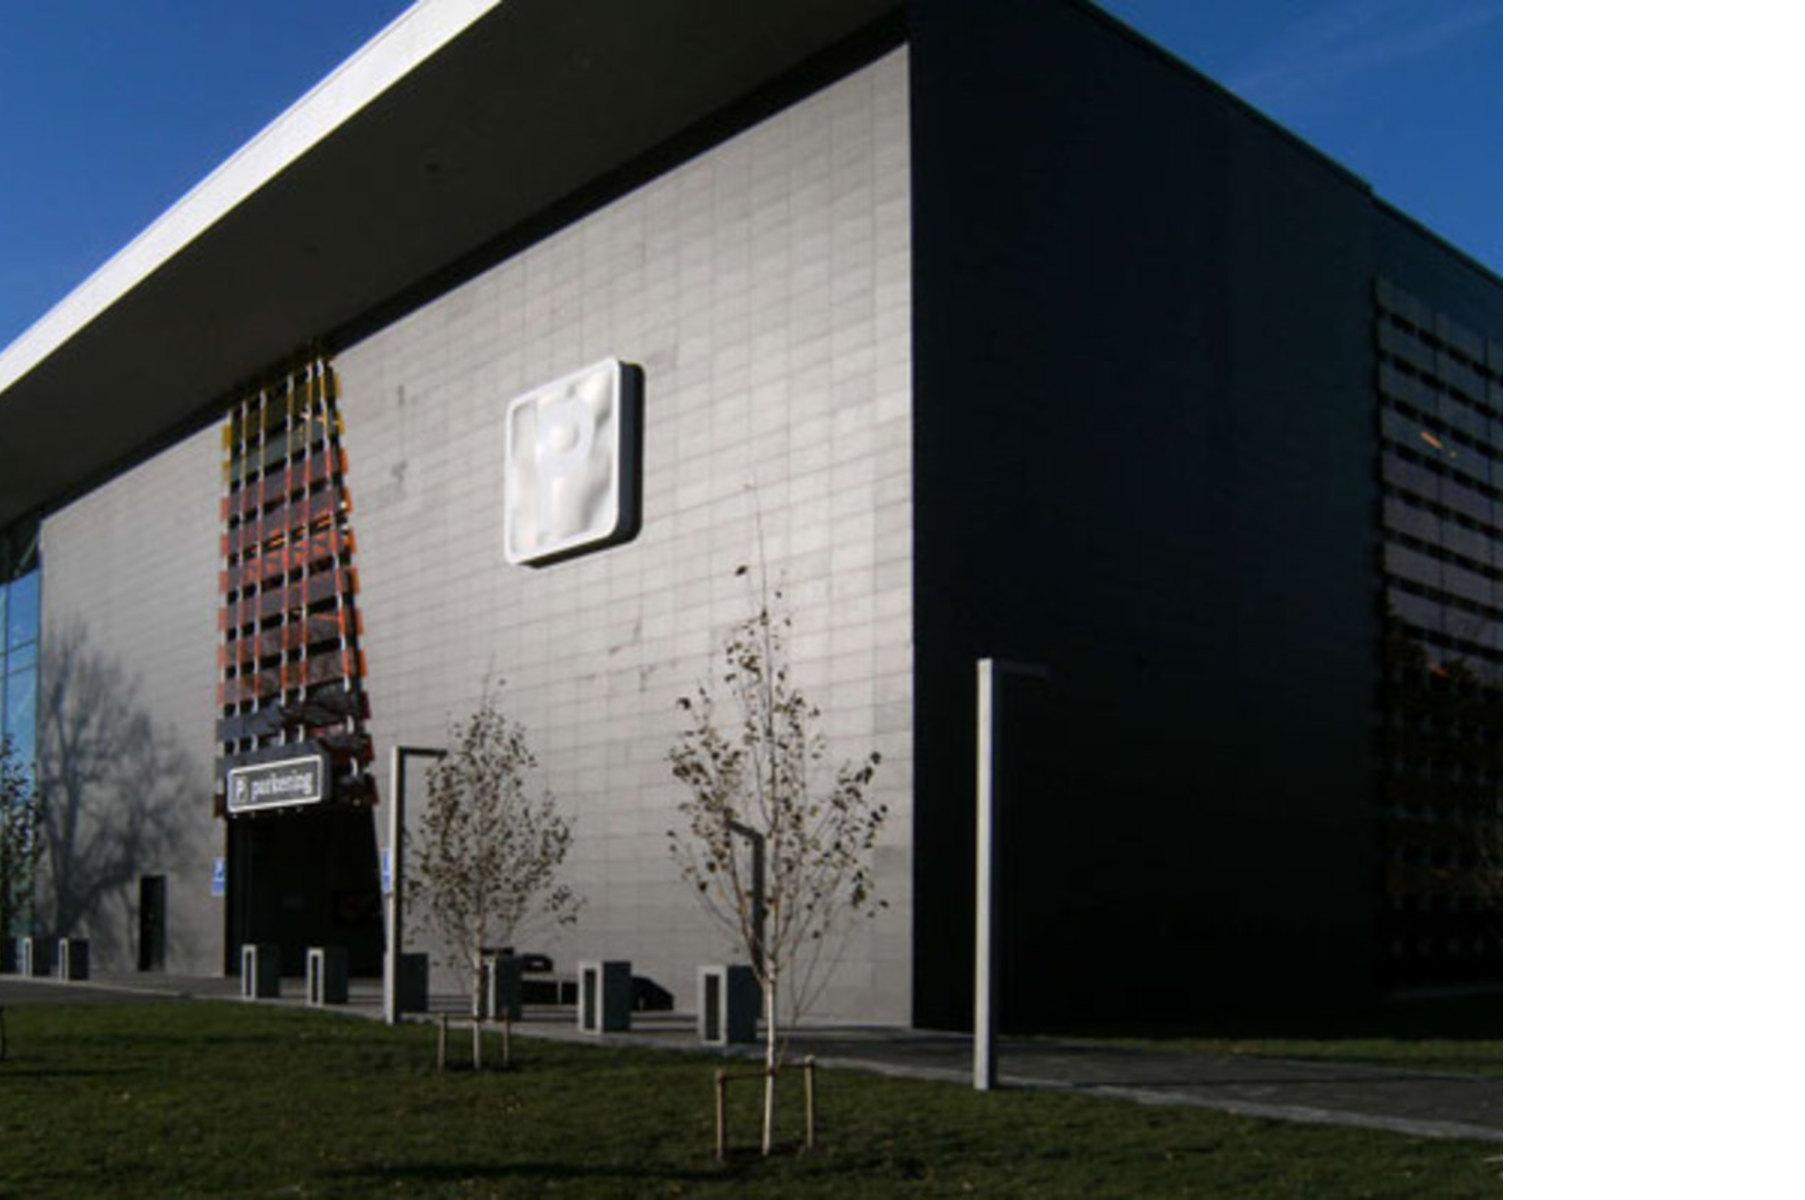 Künstlerisch Fassade Mit Blech Verkleiden Das Beste Von Bo:x, Ein Stadttor Hinterlüfteter